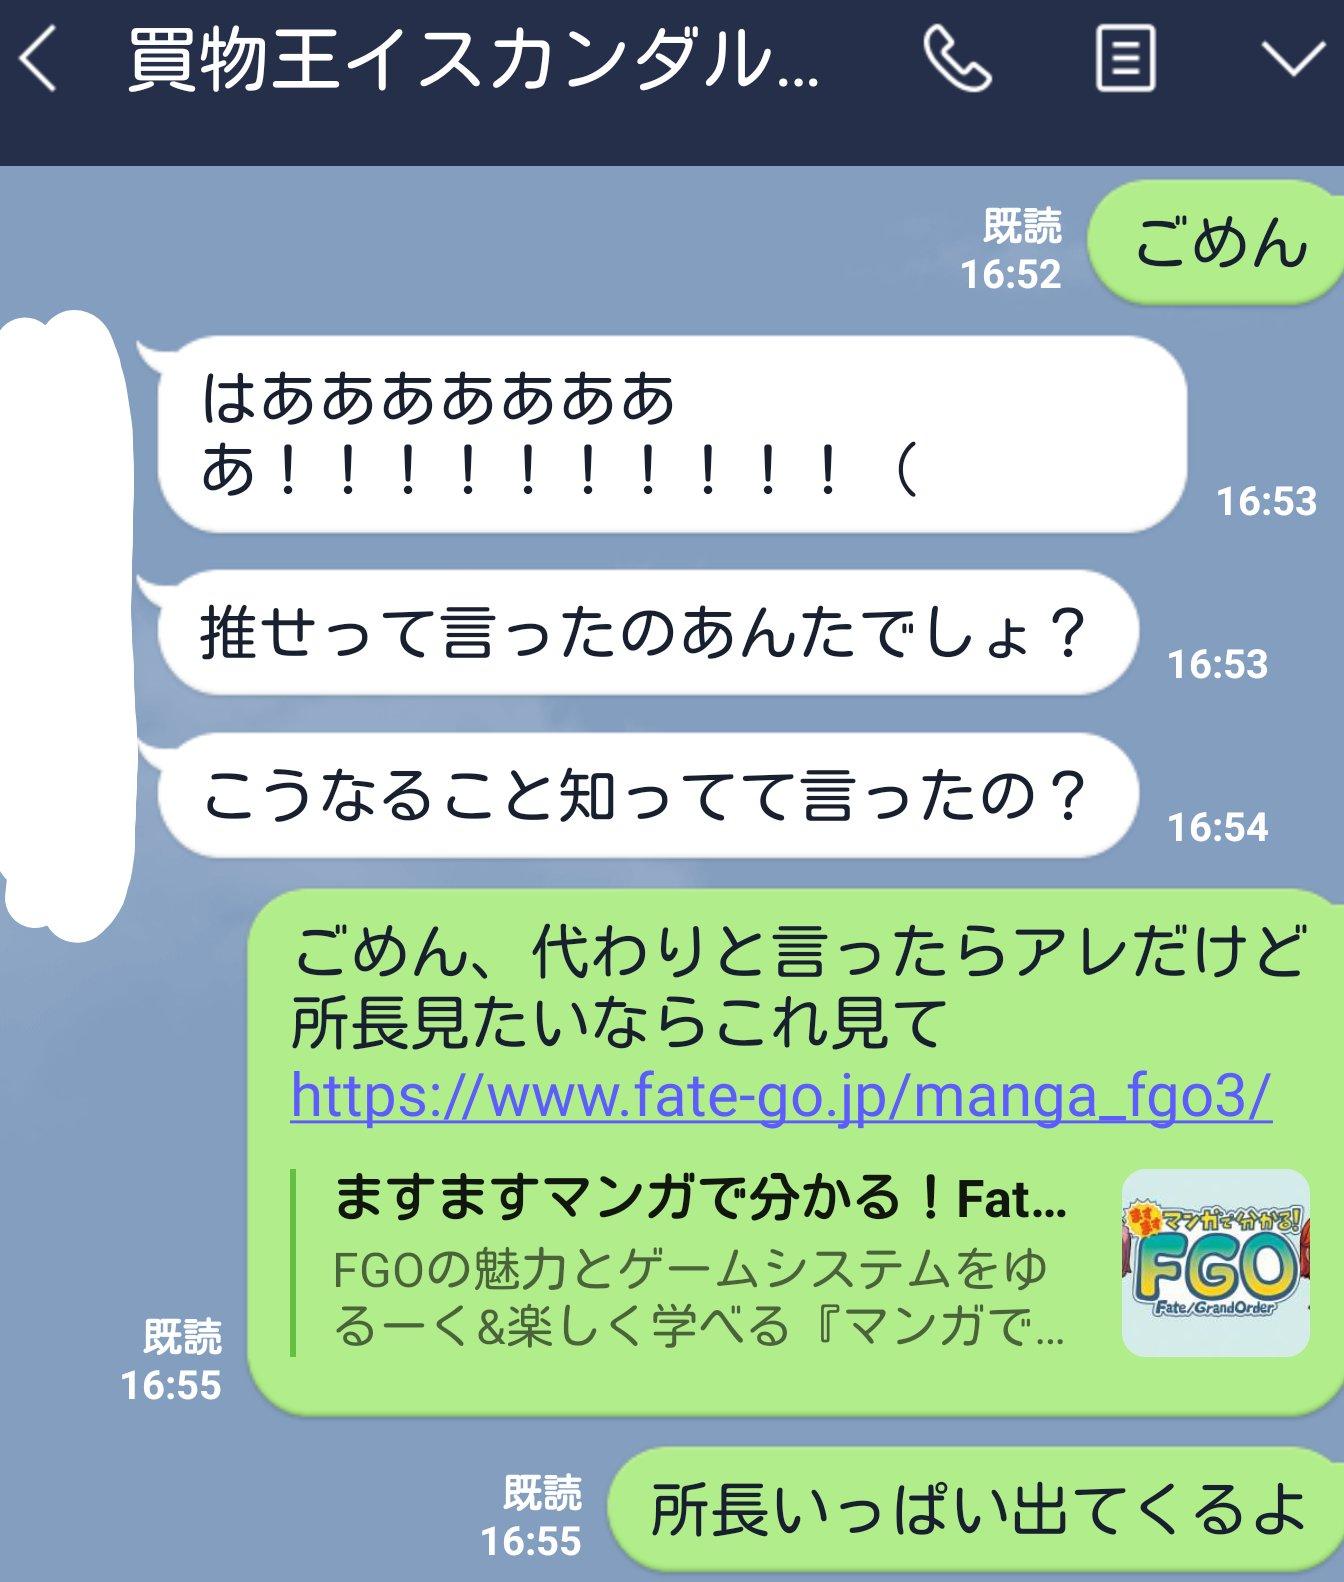 0FPuHvC - 【悲報】イキり鯖太郎「母にFGO勧めた結果をご査収ください」→4.3万いいね